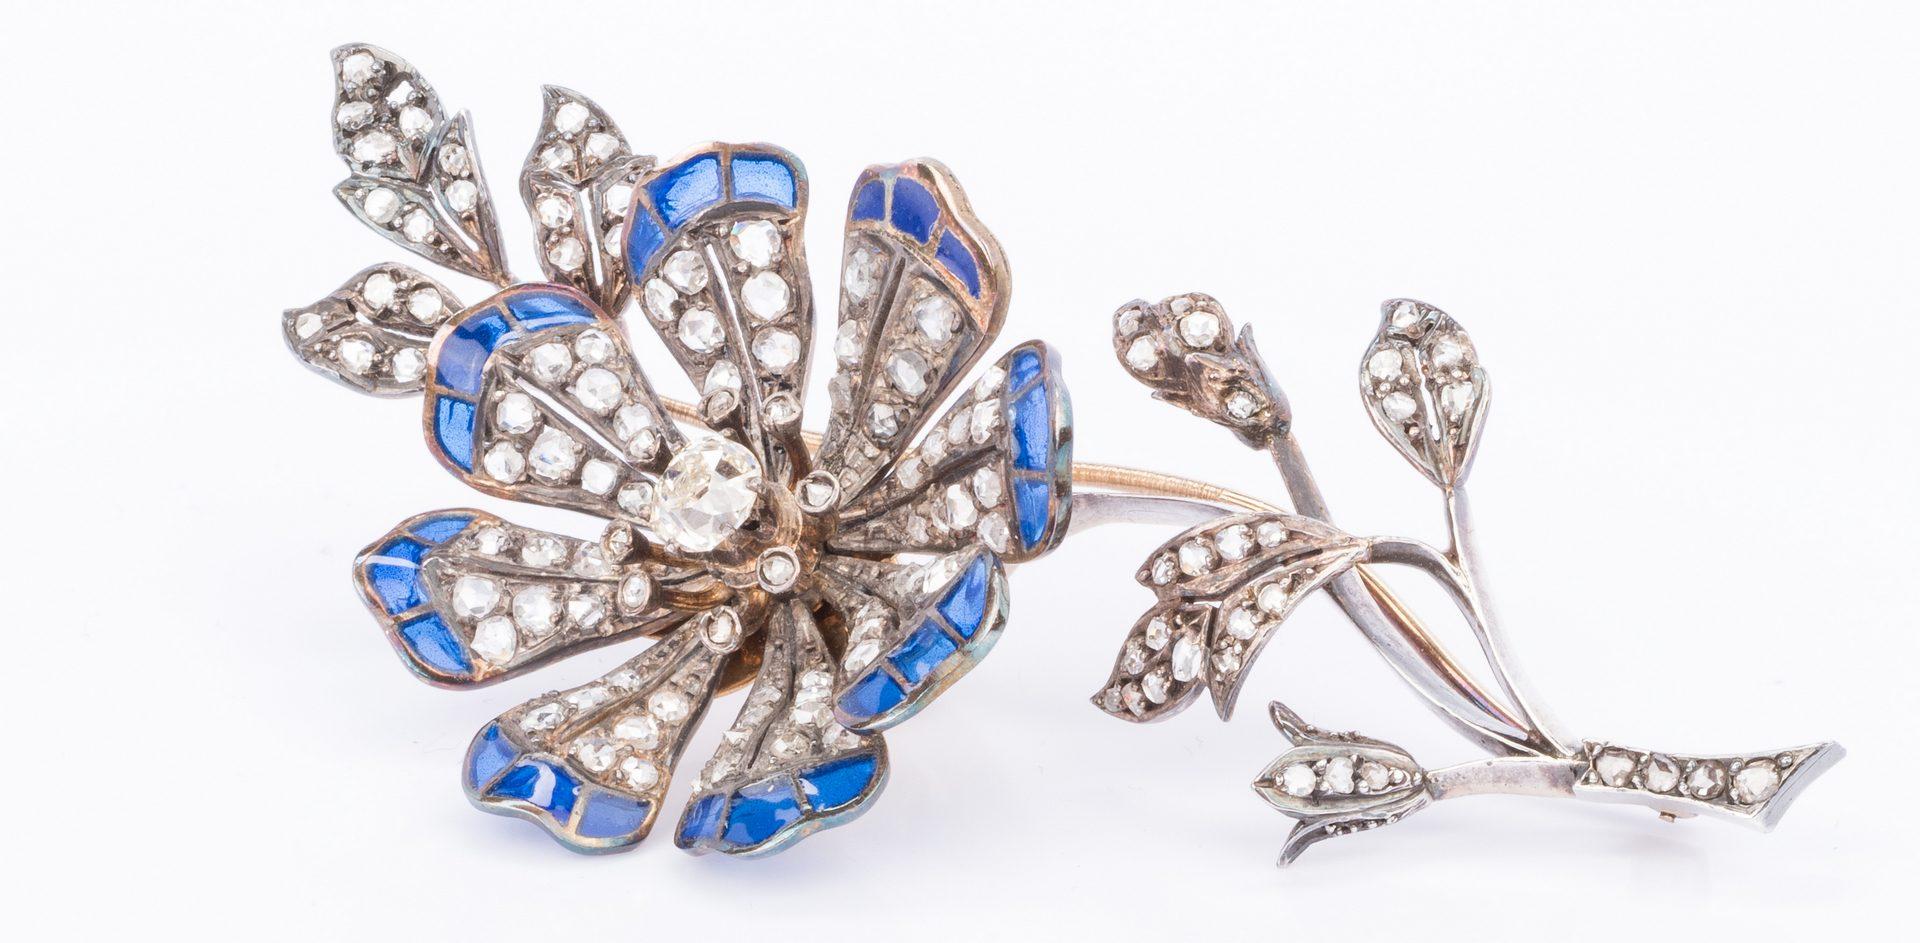 Lot 51: Belle Epoque Diamond Flower Brooch